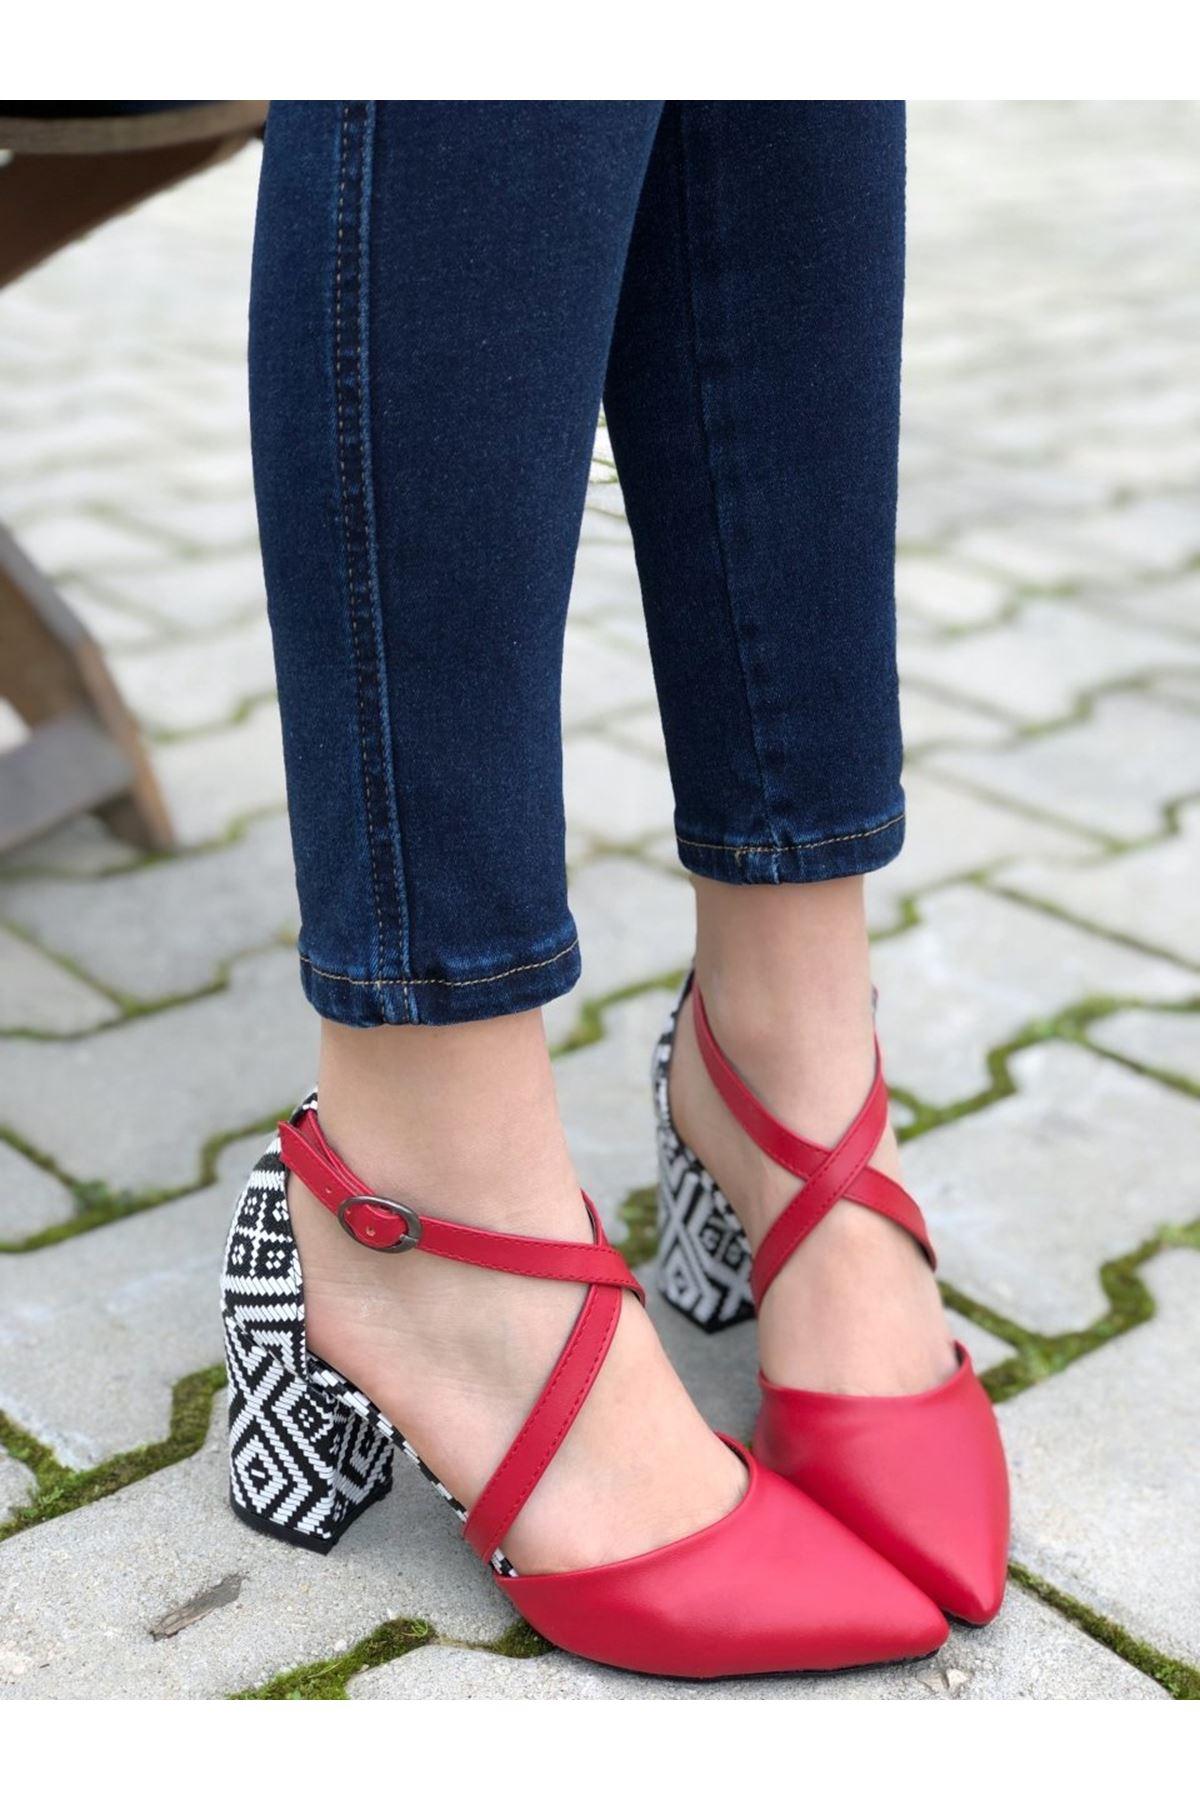 Kadın Lanus Kırmızı Deri Topuklu Ayakkabı